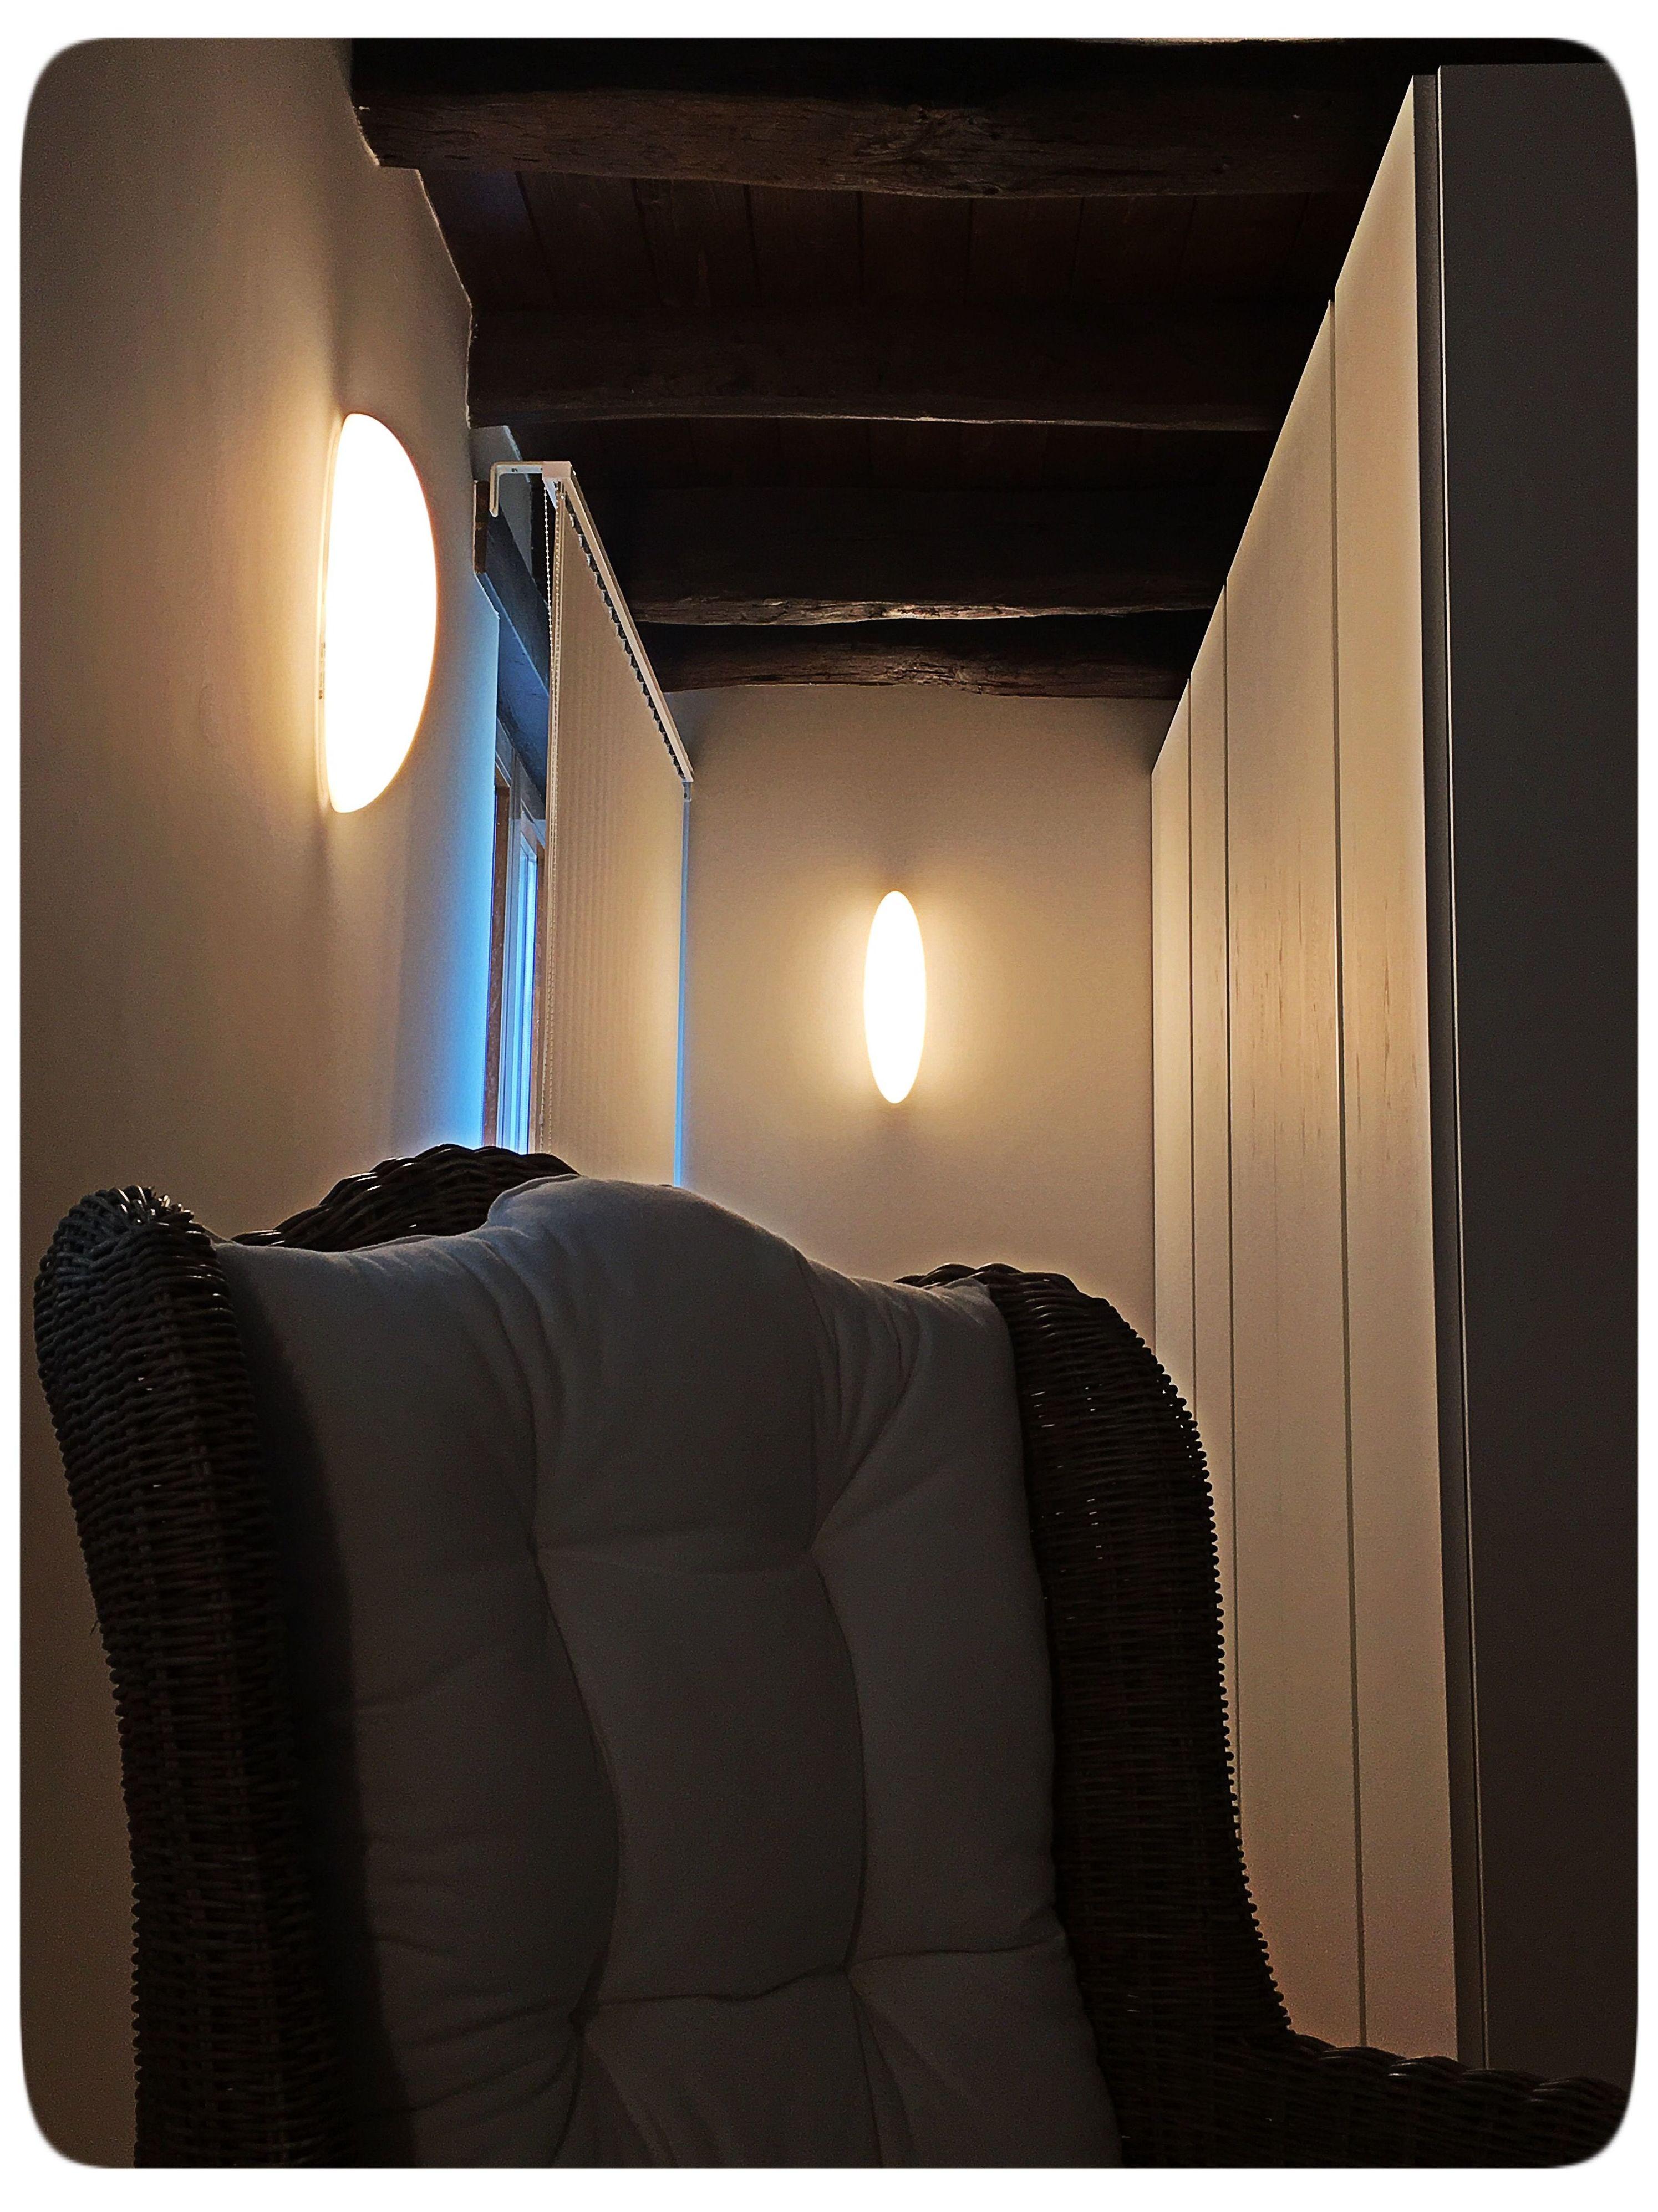 Foto 32 de Iluminación y lámparas en Bergara | Ixotu Goi